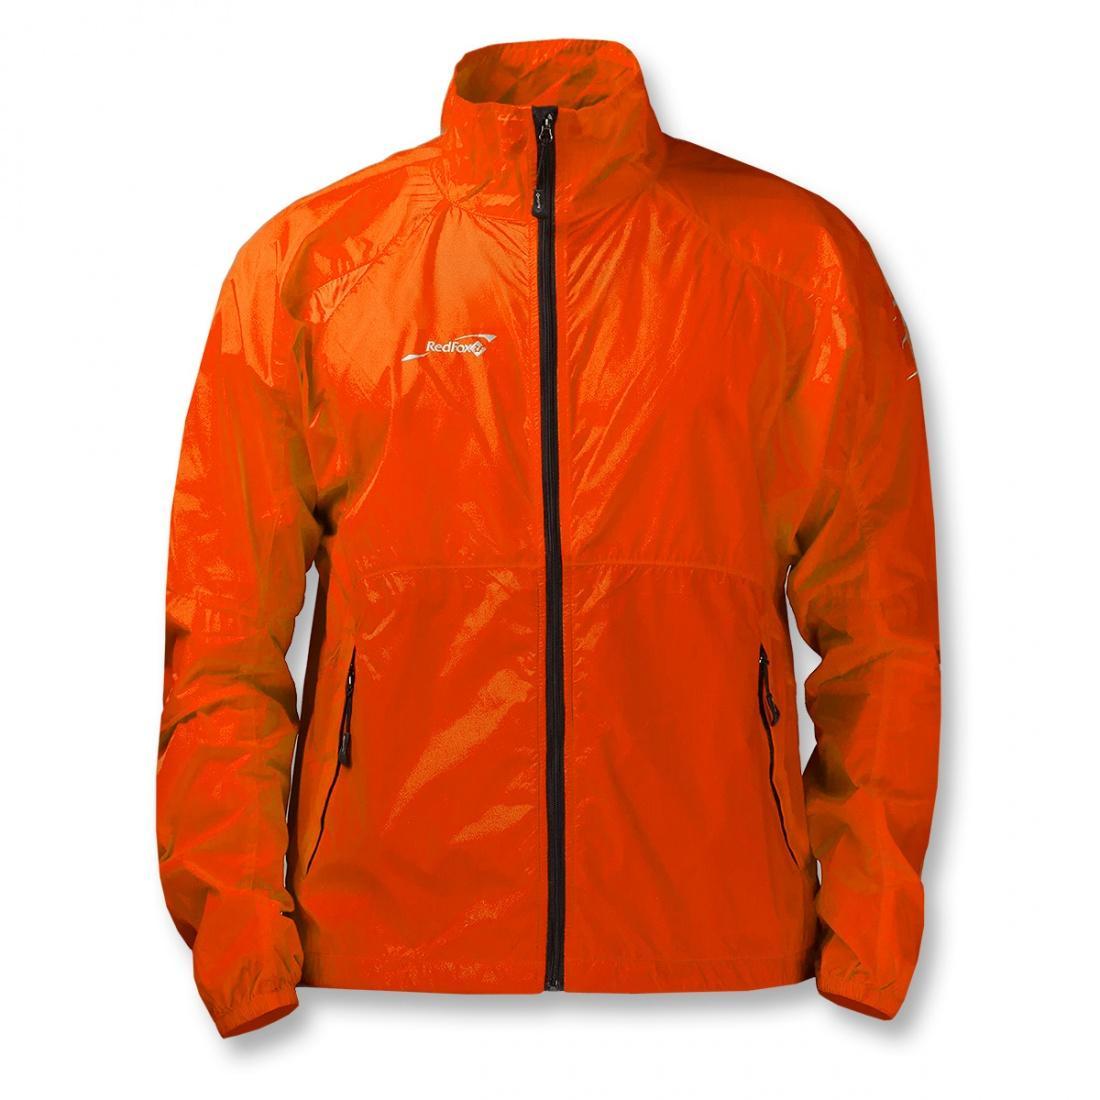 Куртка ветрозащитная Trek Light IIКуртки<br><br> Очень легкая куртка для мультиспортсменов. Отлично сочетает в себе функции защиты от ветра и максимальной свободы движений. Куртку мож...<br><br>Цвет: Оранжевый<br>Размер: 56